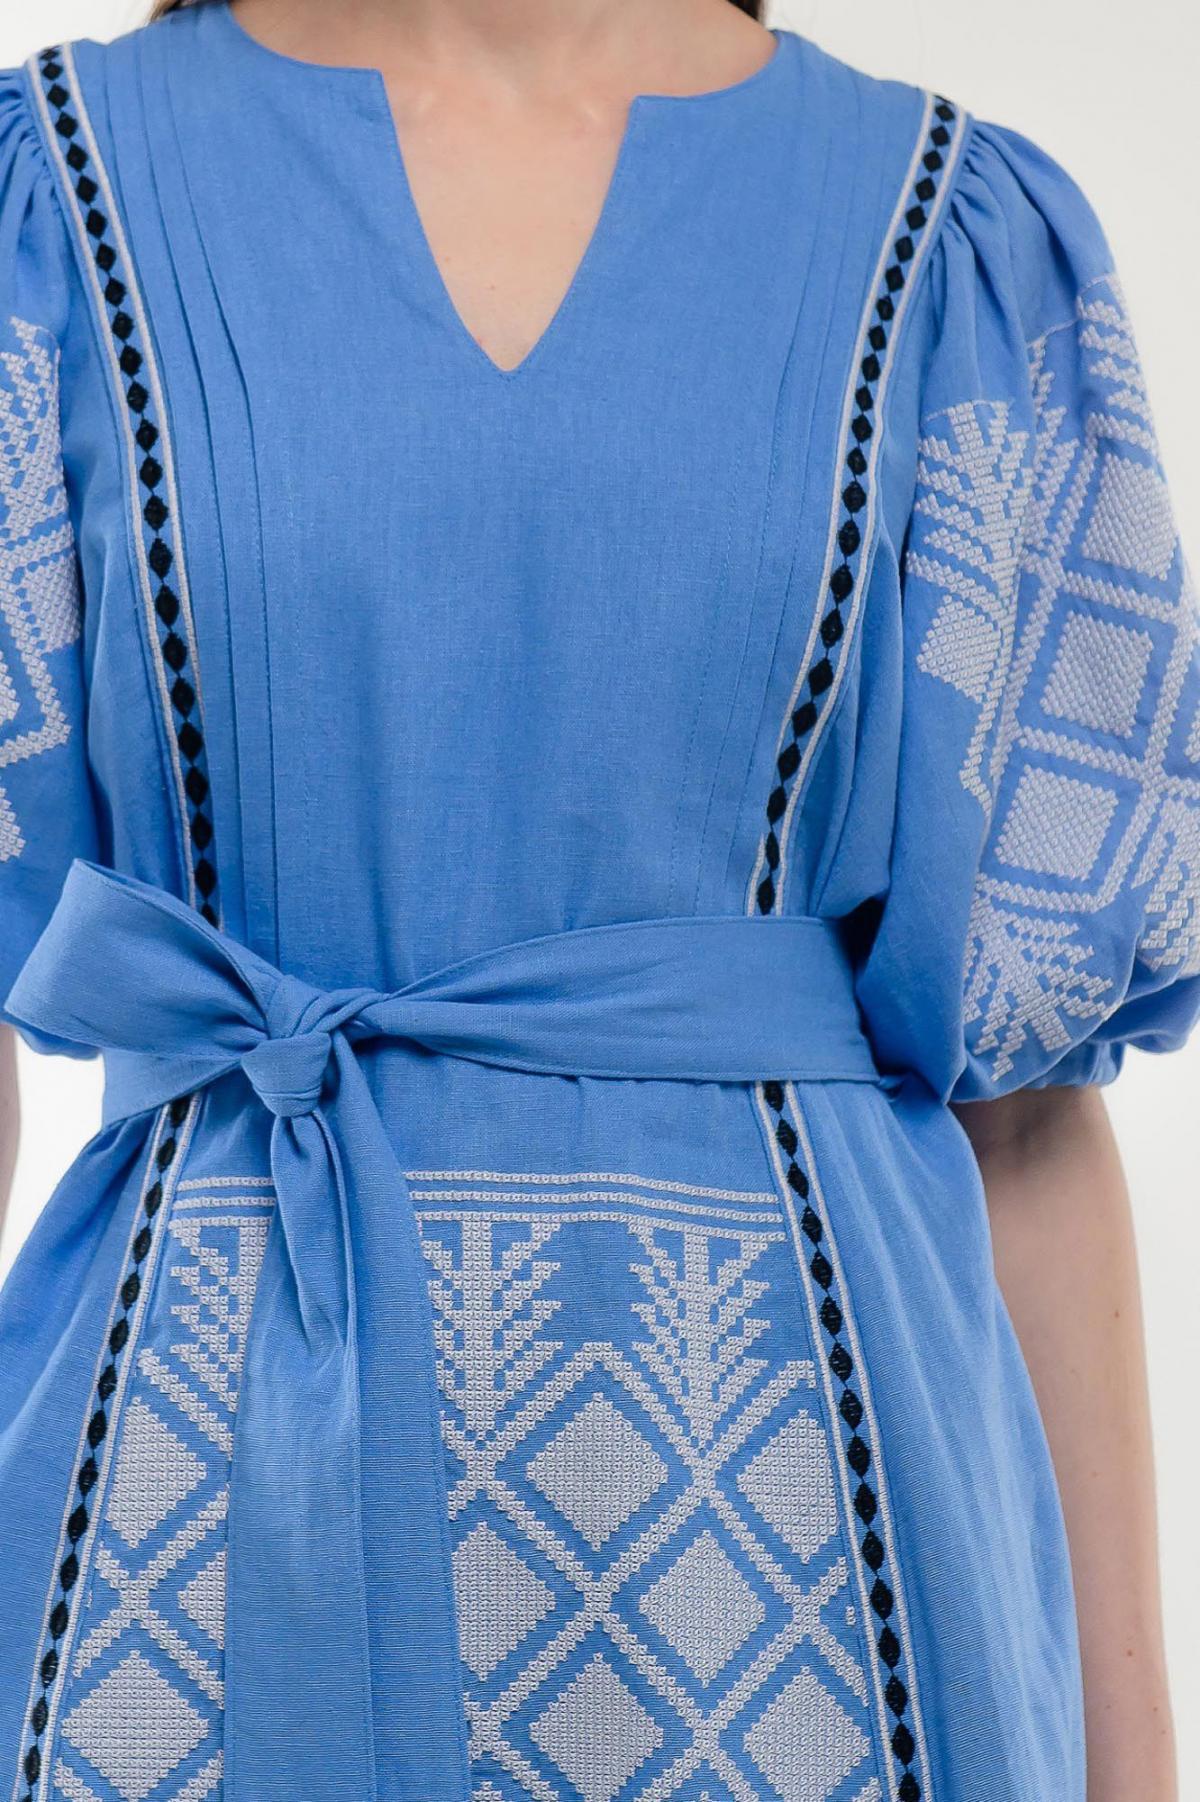 Платье вышиванка Милося голубое. Фото №6. | Народный дом Украина